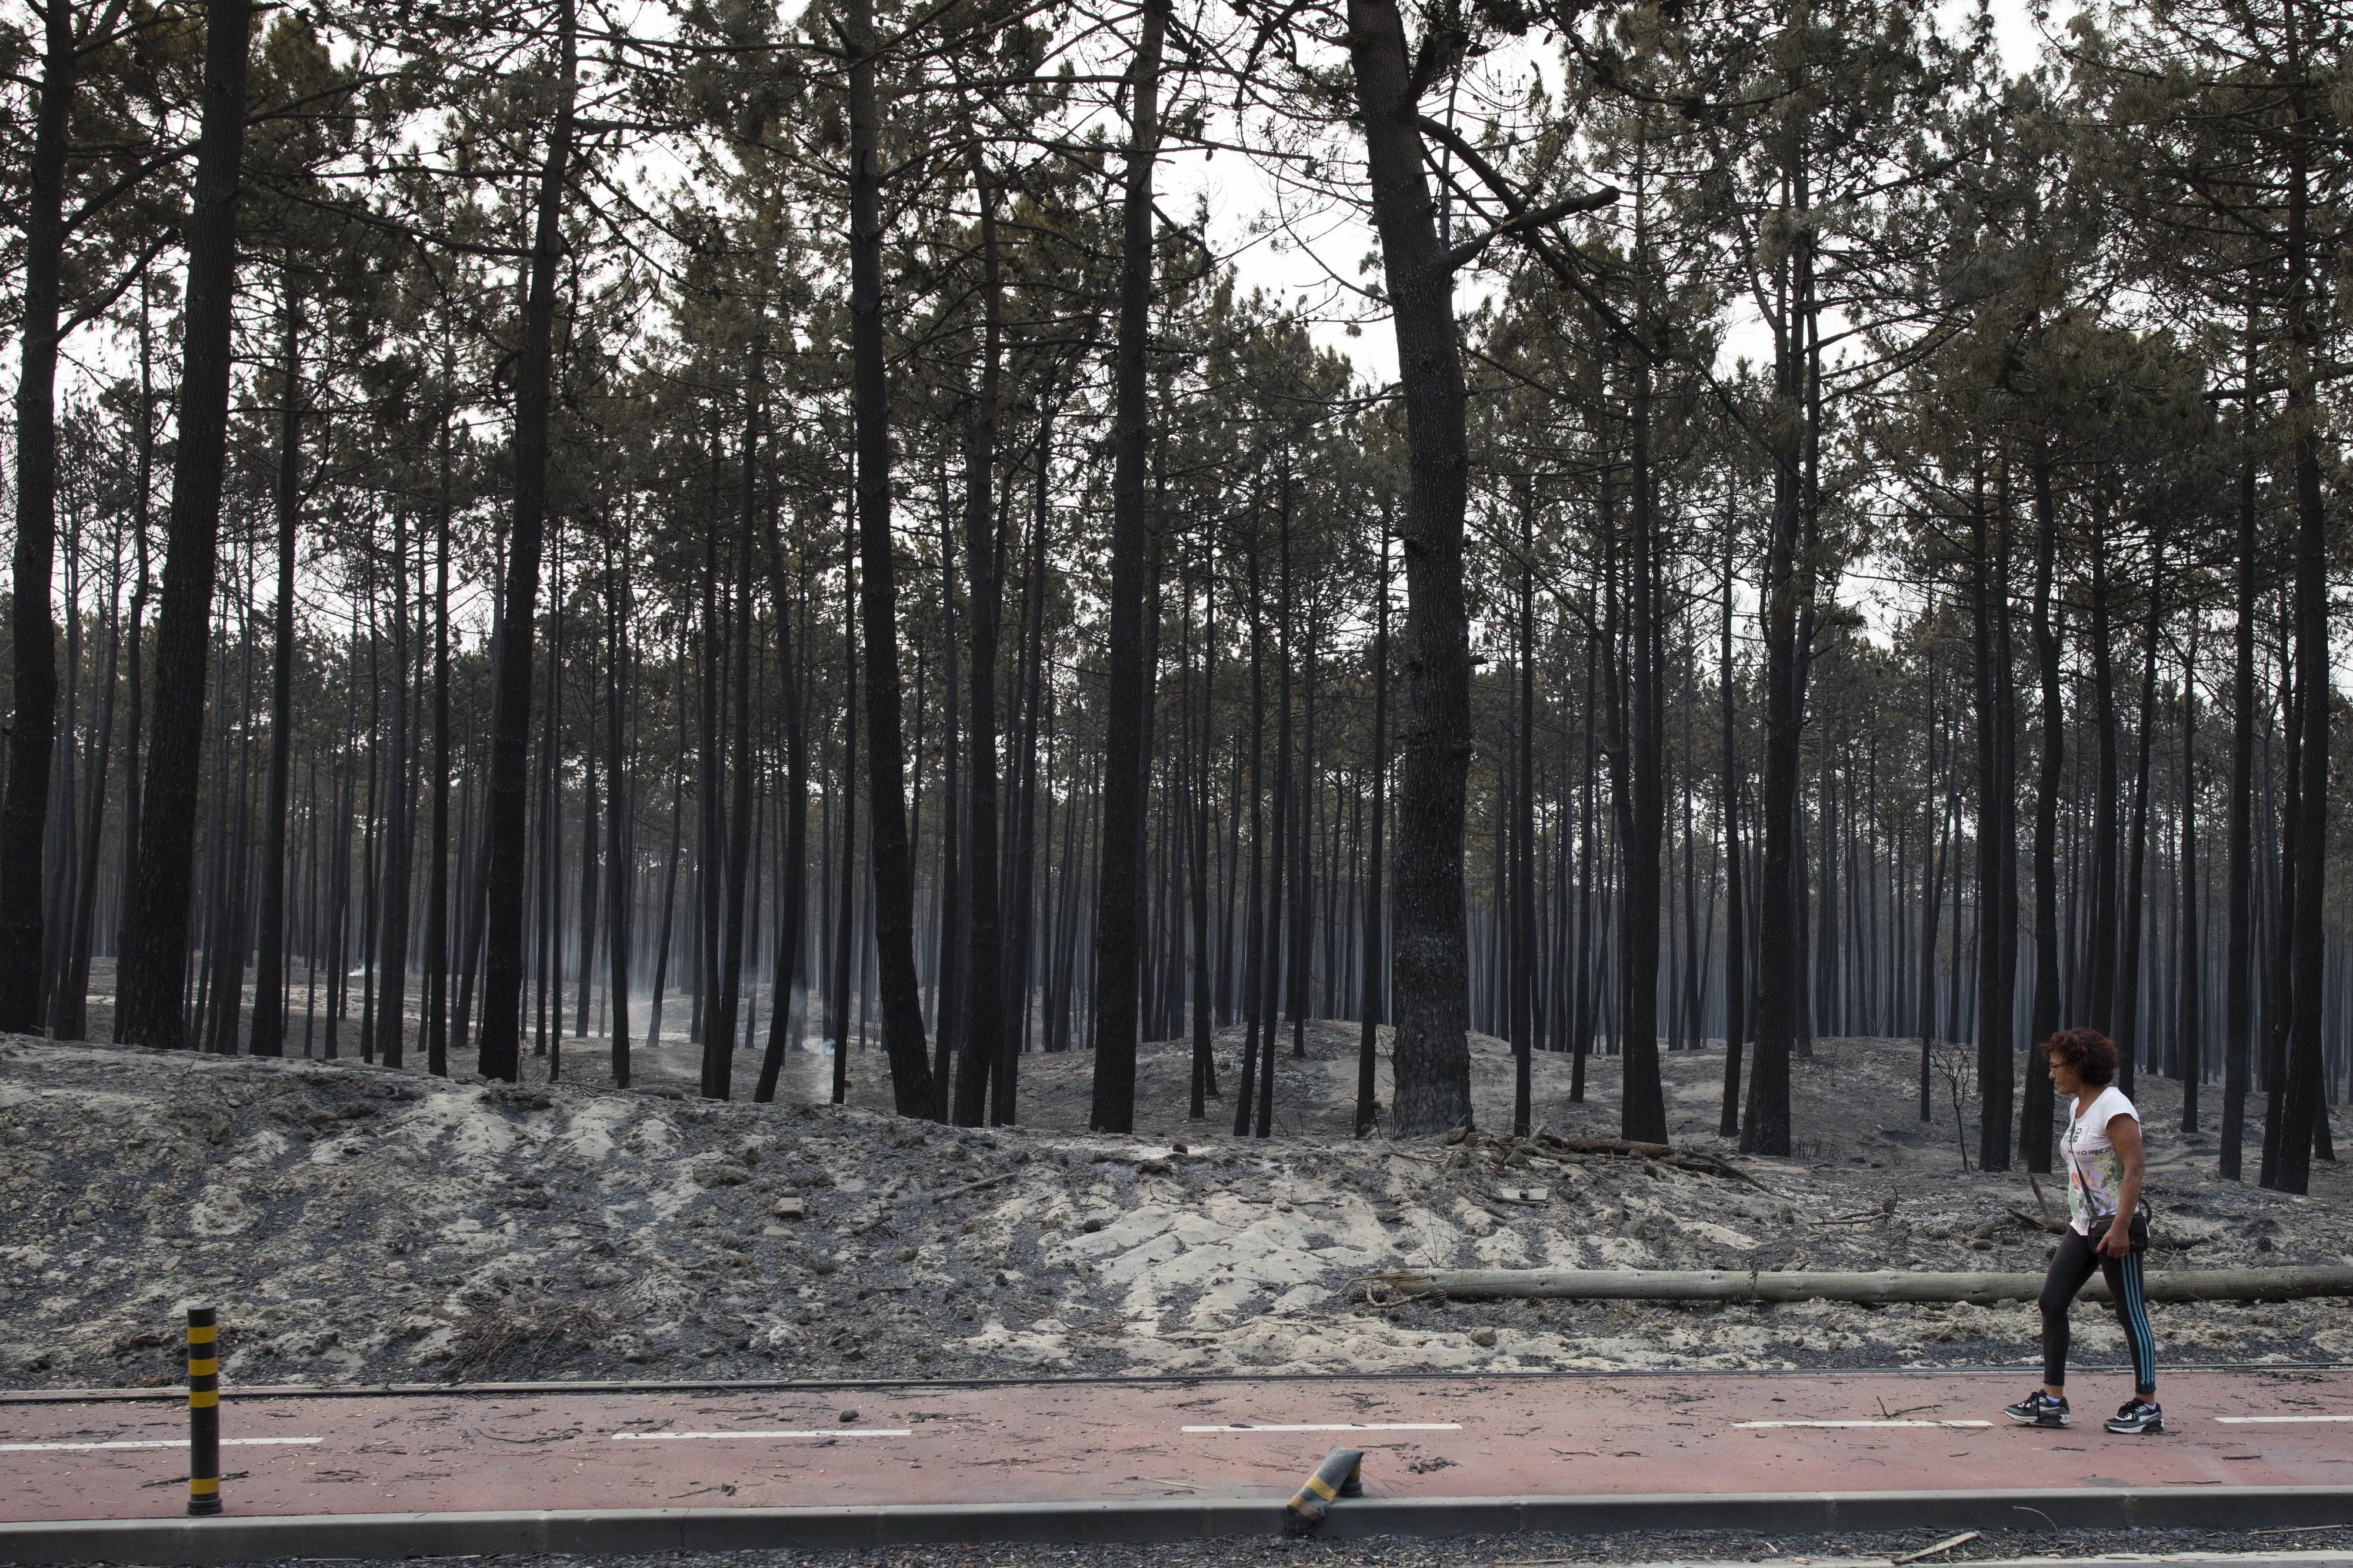 """Costa destaca acordo com familiares de vítimas para """"procurar reparar o que é irreparável"""""""